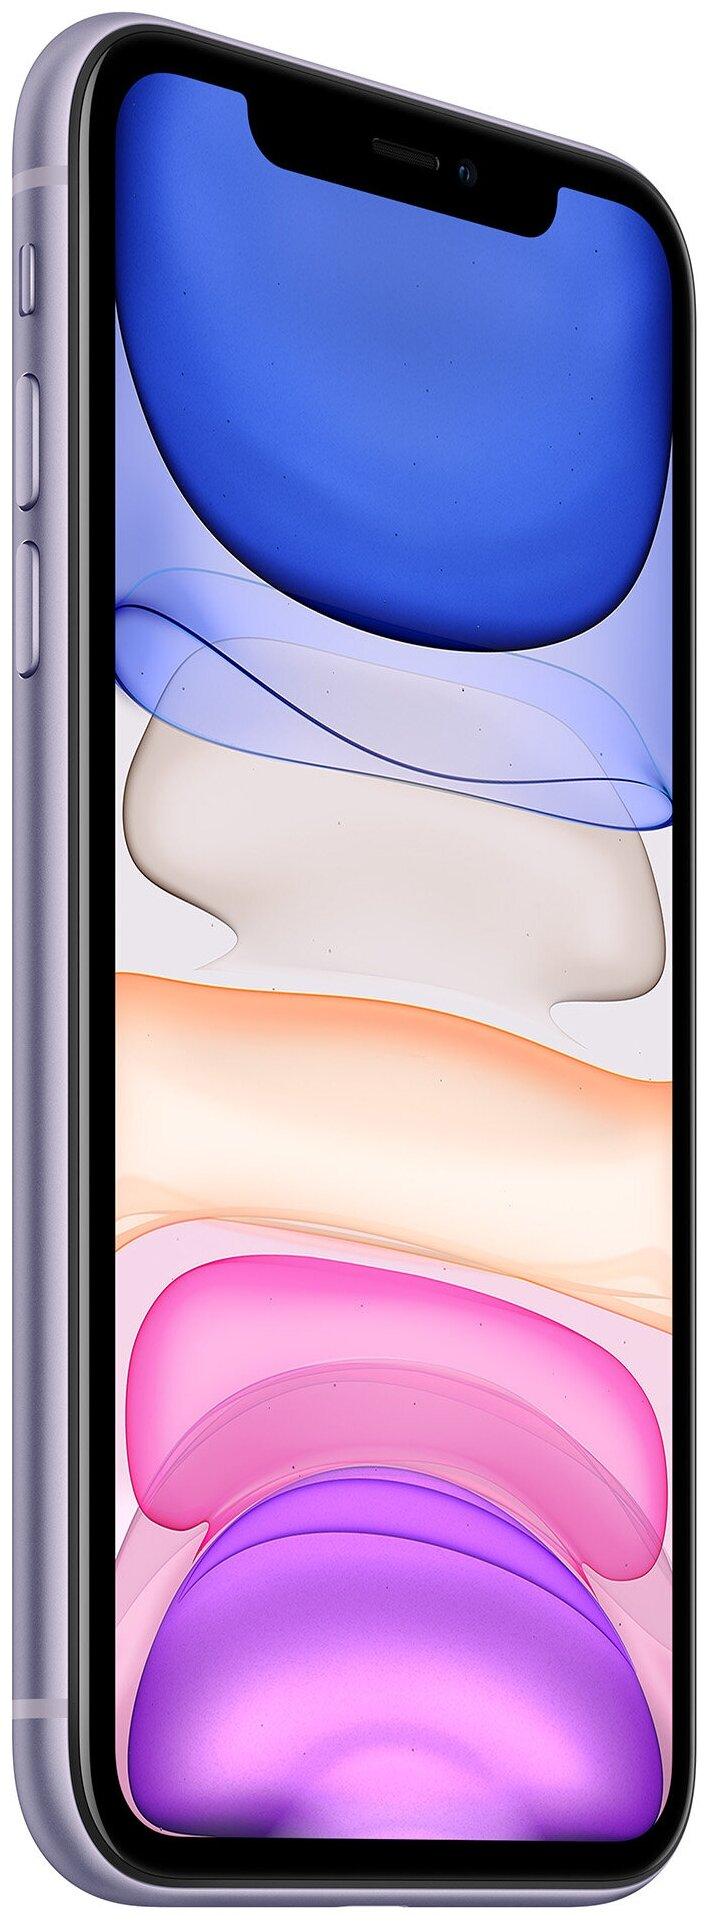 Apple iPhone 11 256GB - оперативная память: 4ГБ